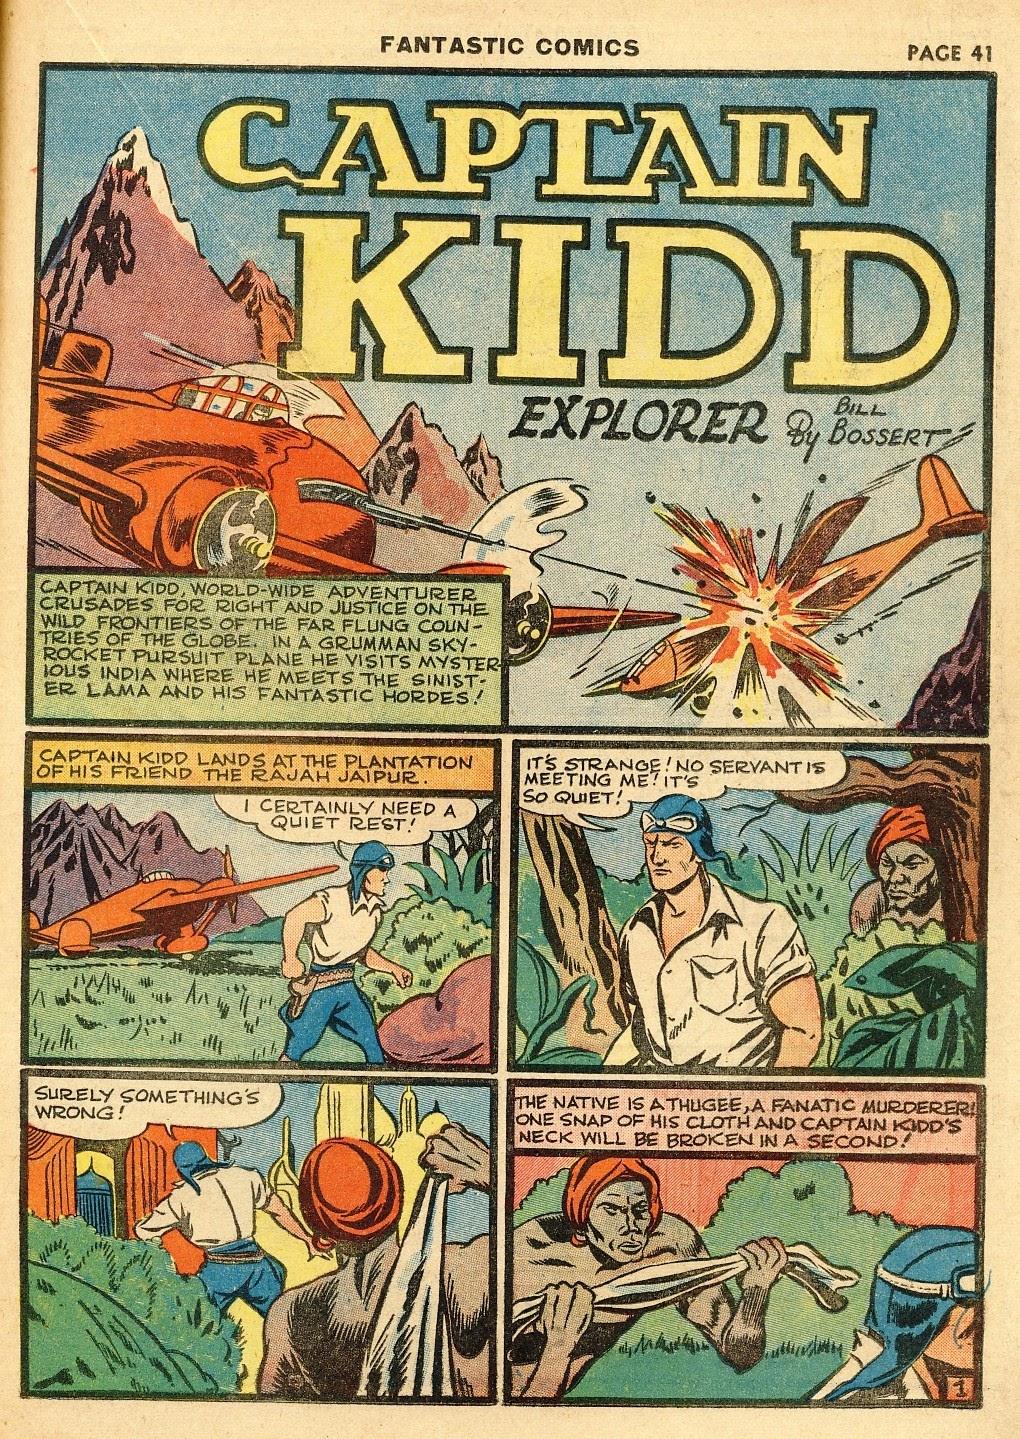 Read online Fantastic Comics comic -  Issue #10 - 42